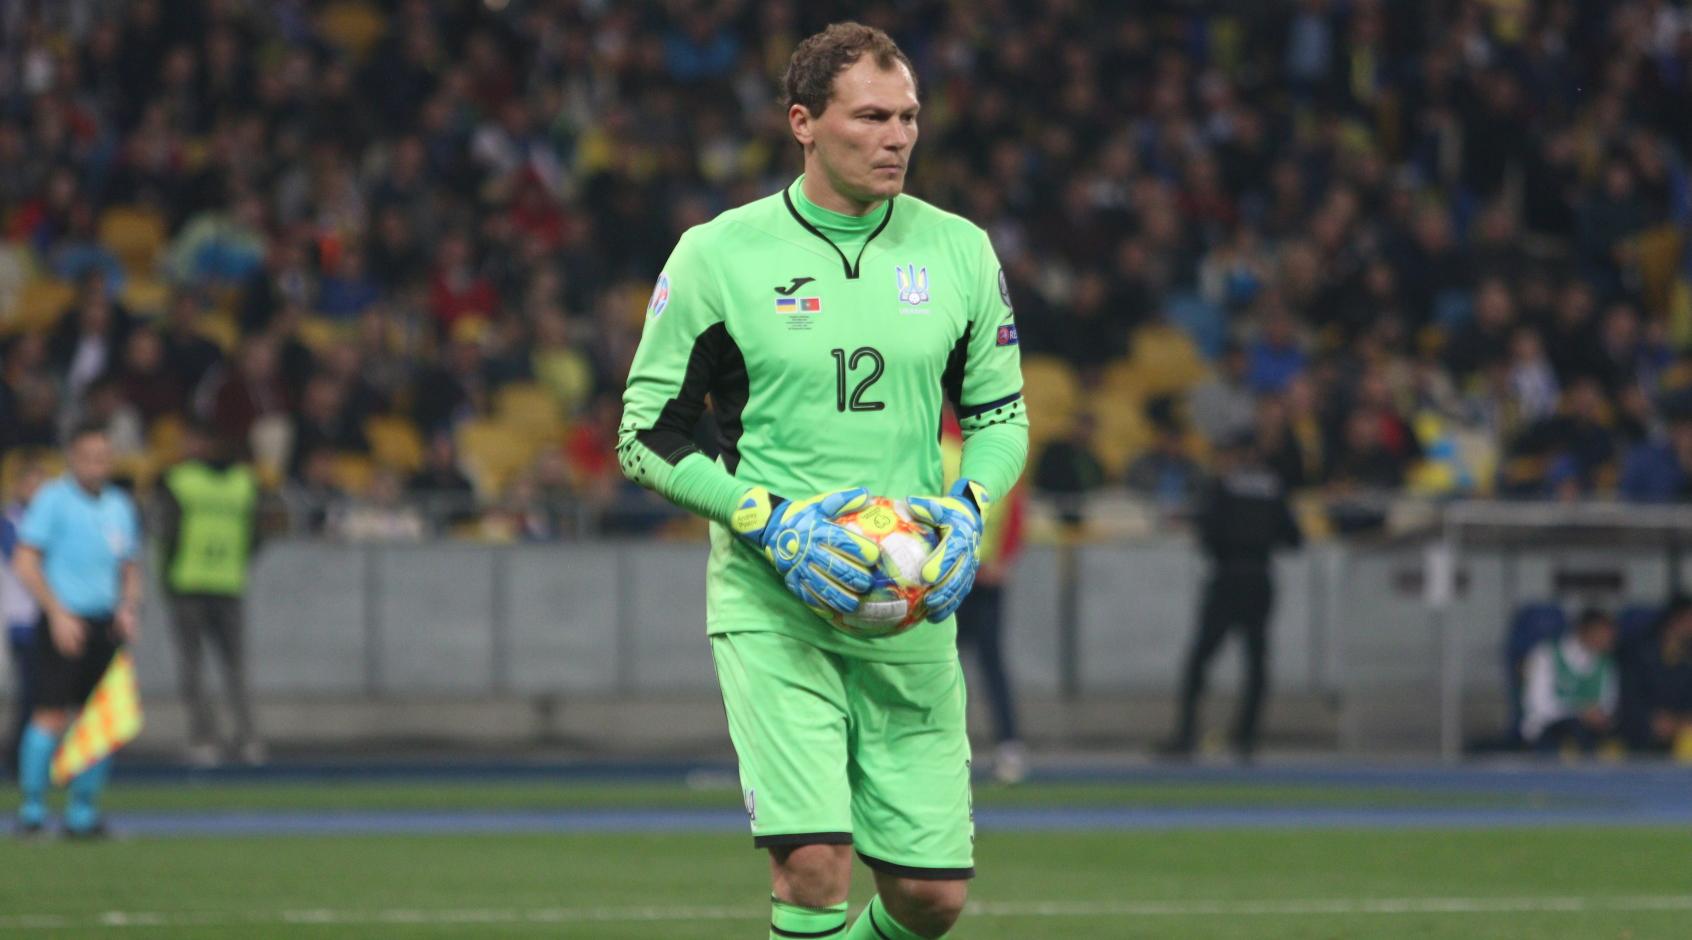 Андрей Пятов - в десятке самых дорогих футболистов мира в возрасте 35 лет и свыше